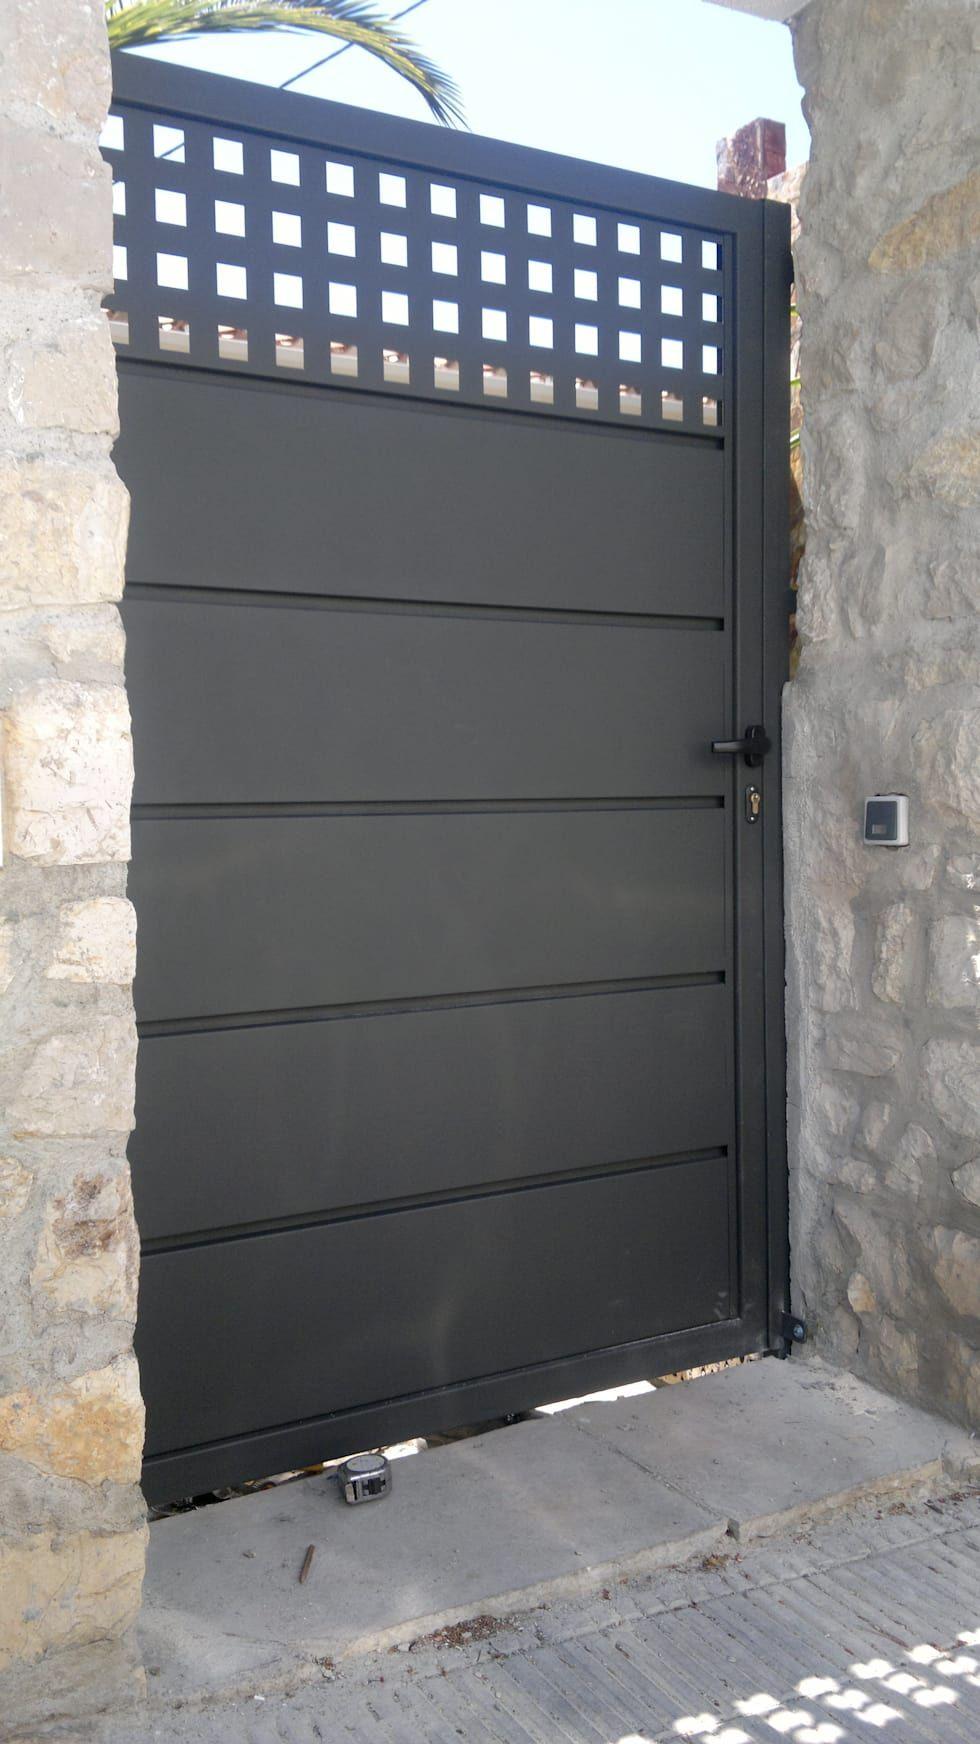 15 Puertas De Exterior Que Impresionarán A Toda La Cuadra Homify Ventanas Modernas Modelos De Puertas Puertas De Metal